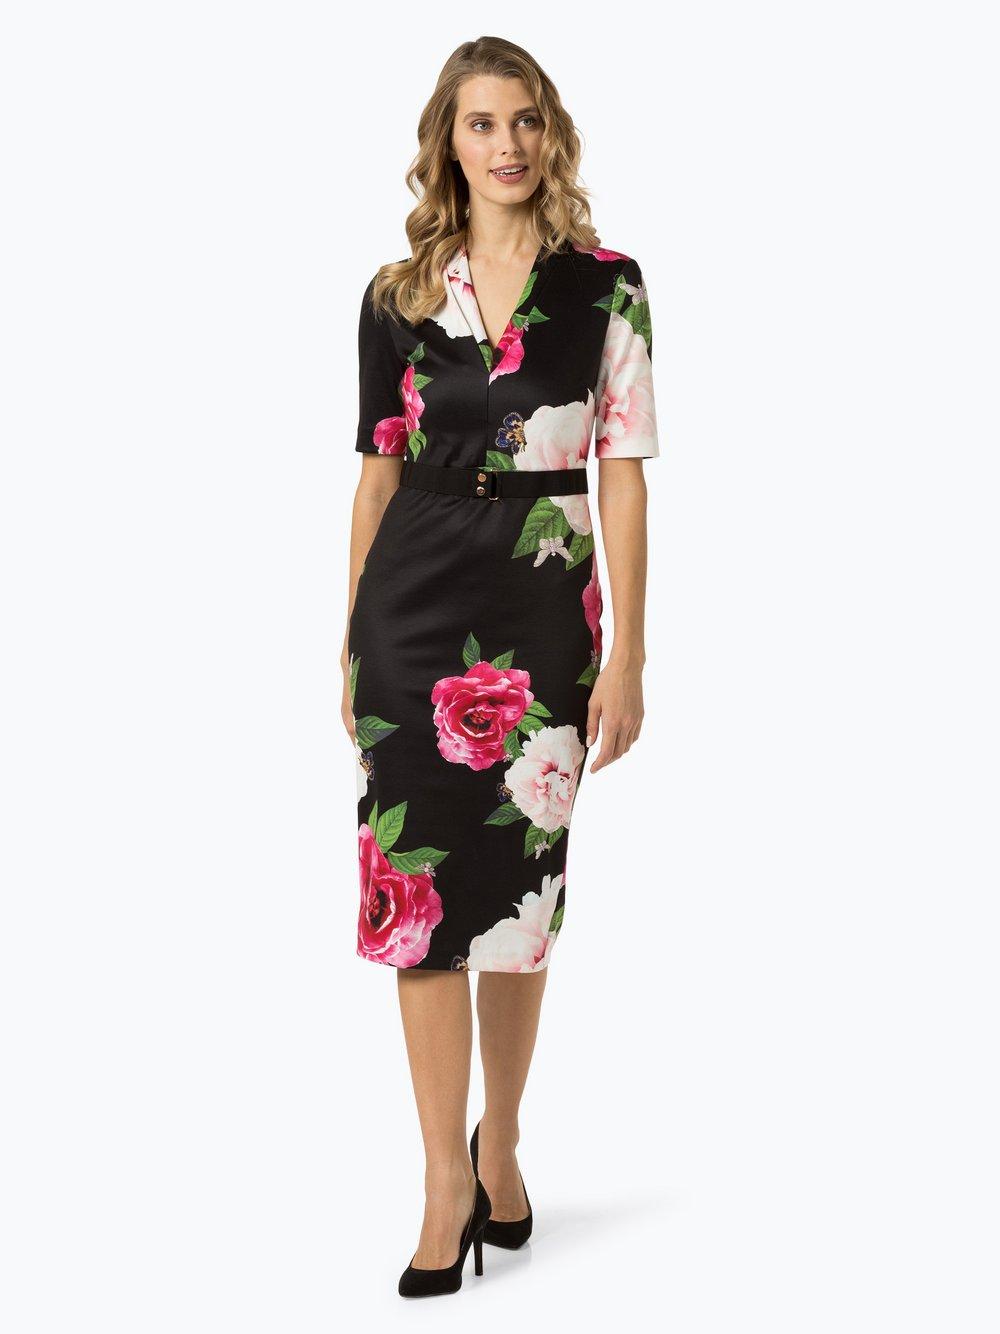 Ted Baker – Sukienka damska – Gilanno, czarny Van Graaf 424431-0001